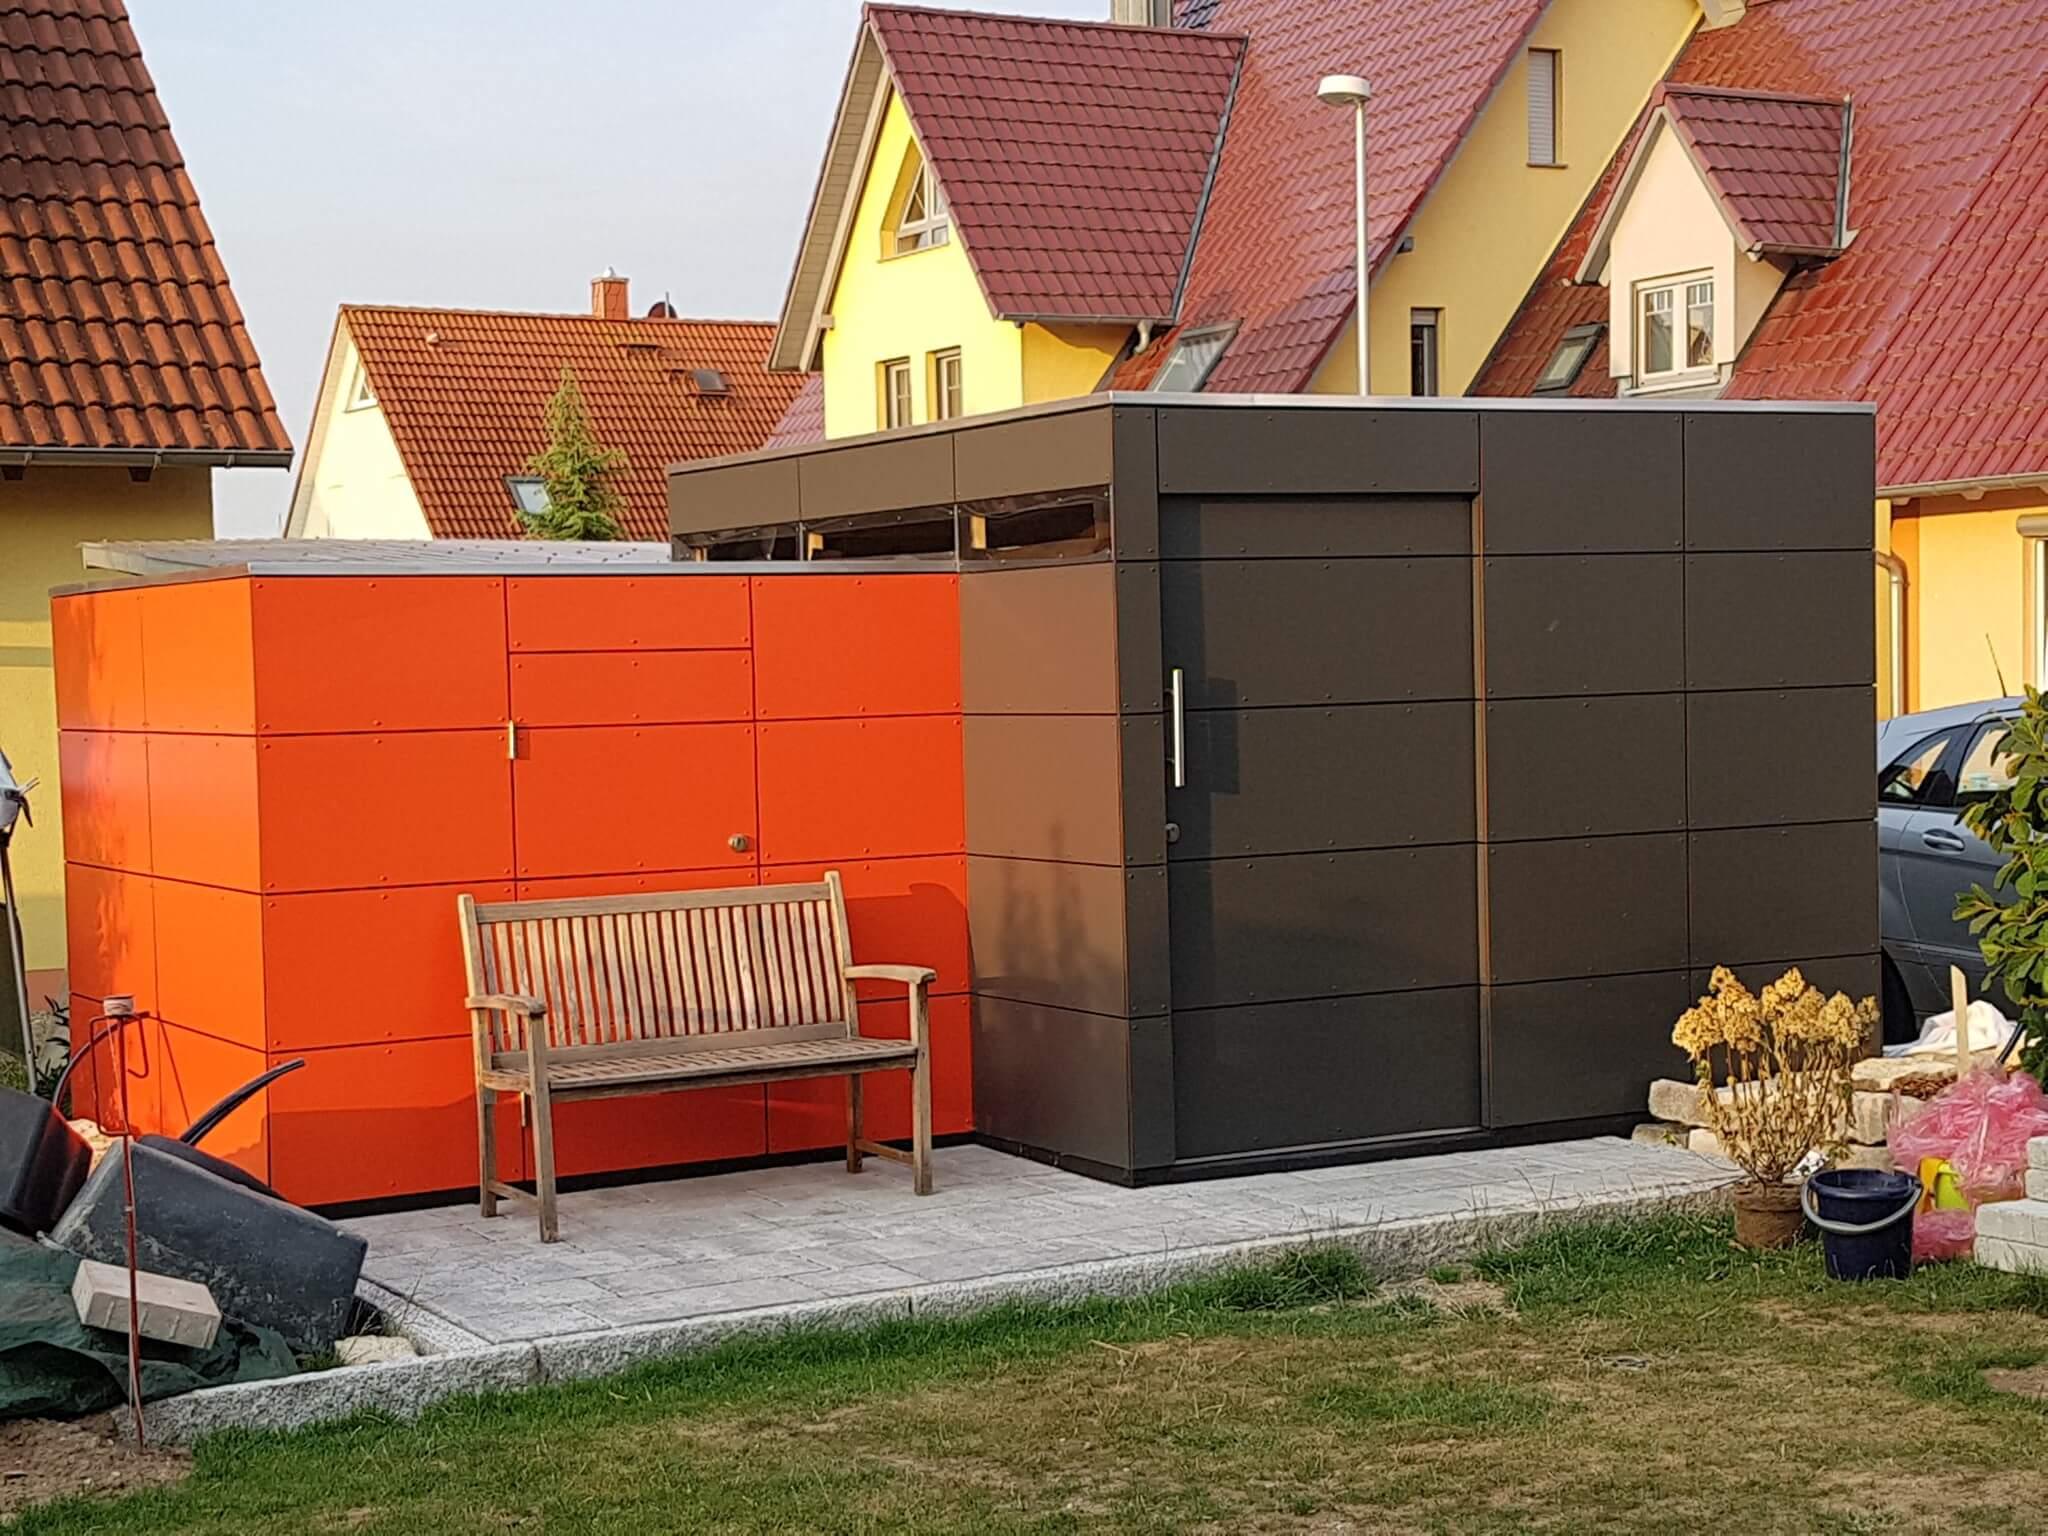 Individuelle Fassade Furs Gartenhaus Mit Hpl Platten Bauen Vorde